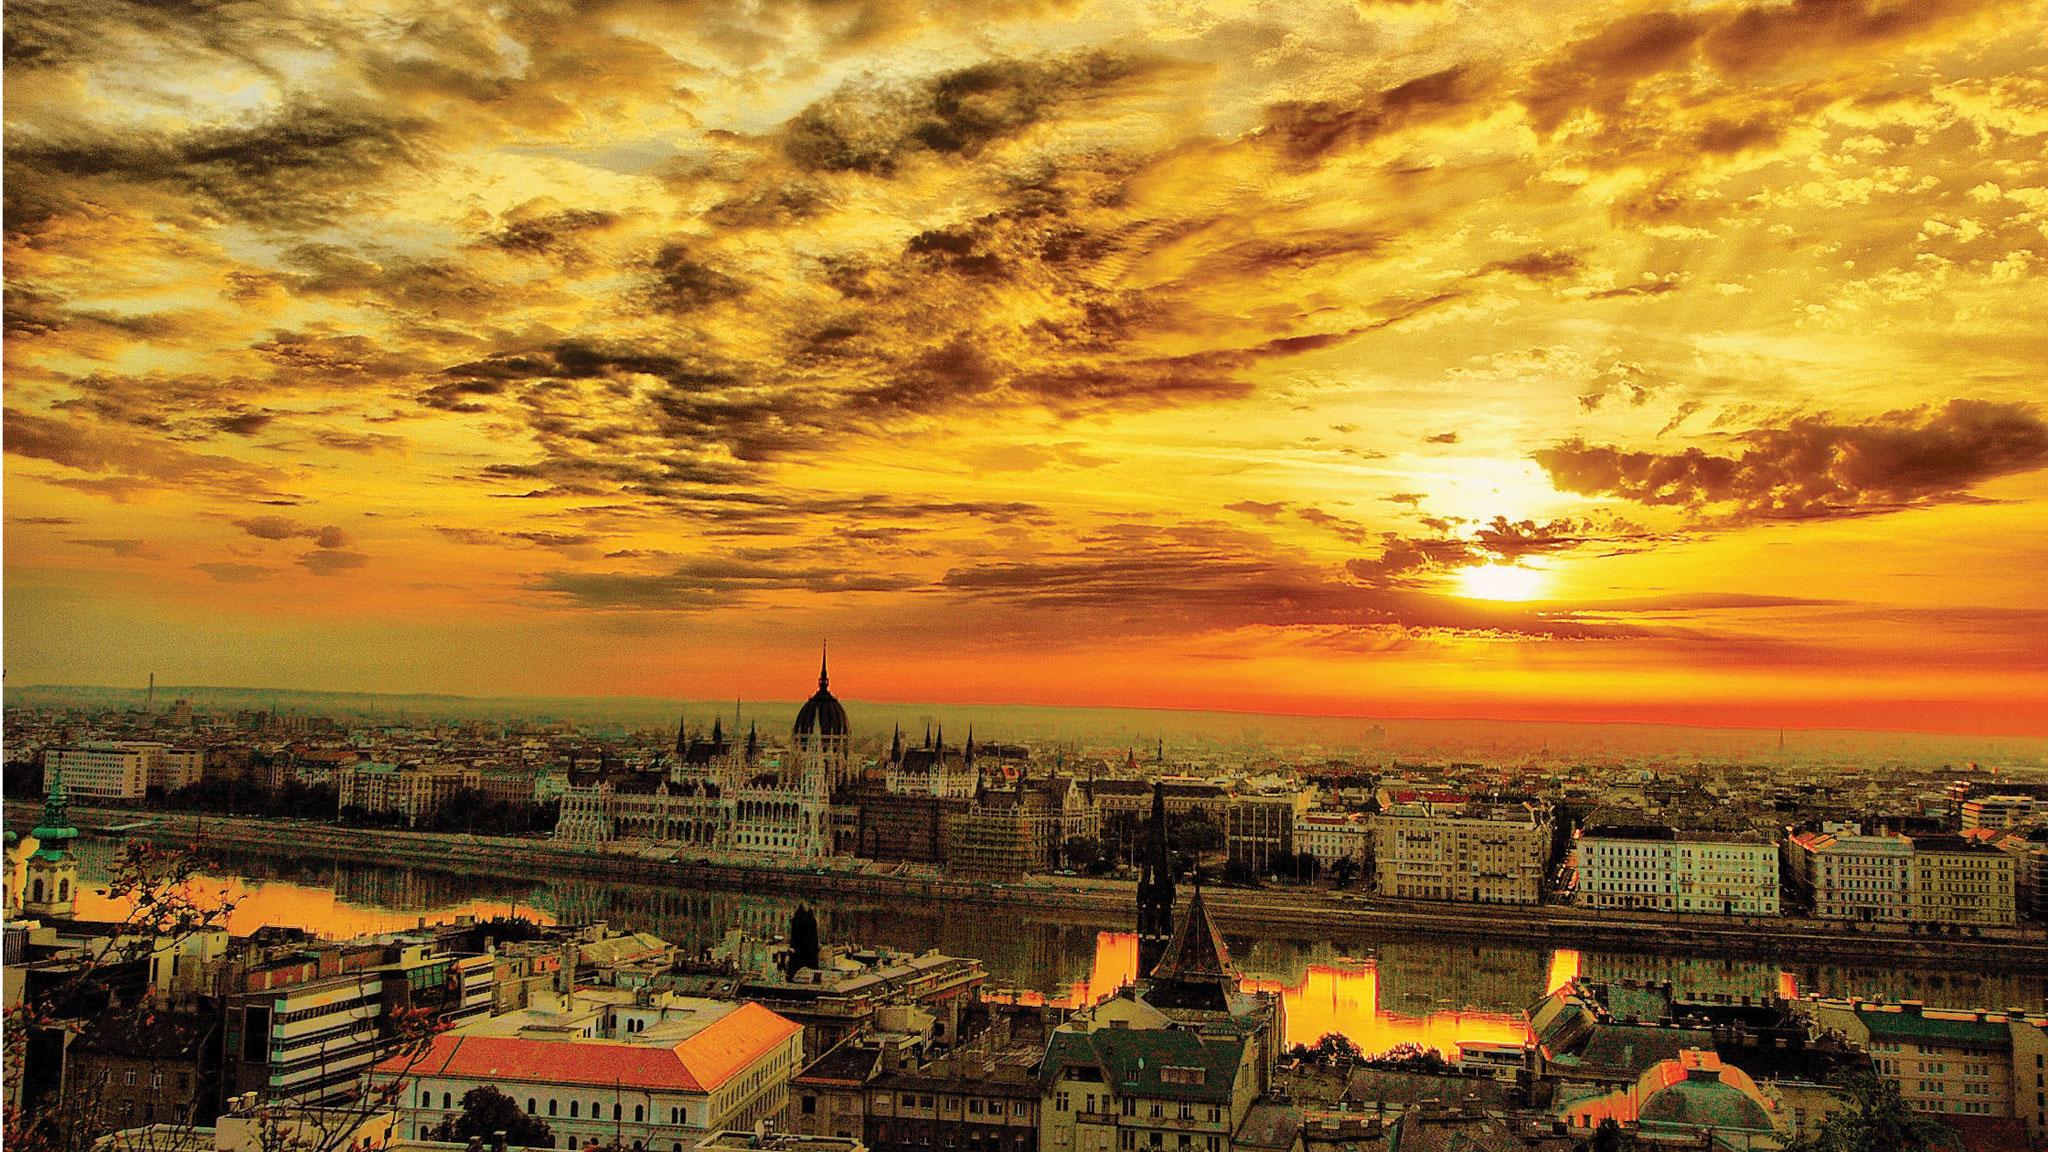 ผลการค้นหารูปภาพสำหรับ lithuania sunset hdr